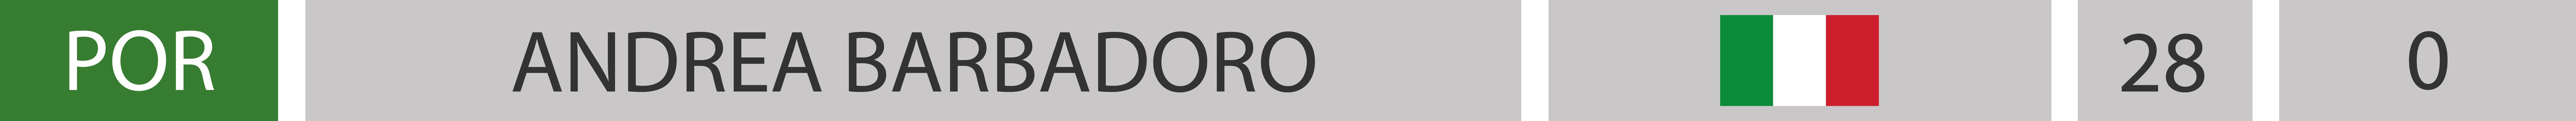 andrea-barbadorotab